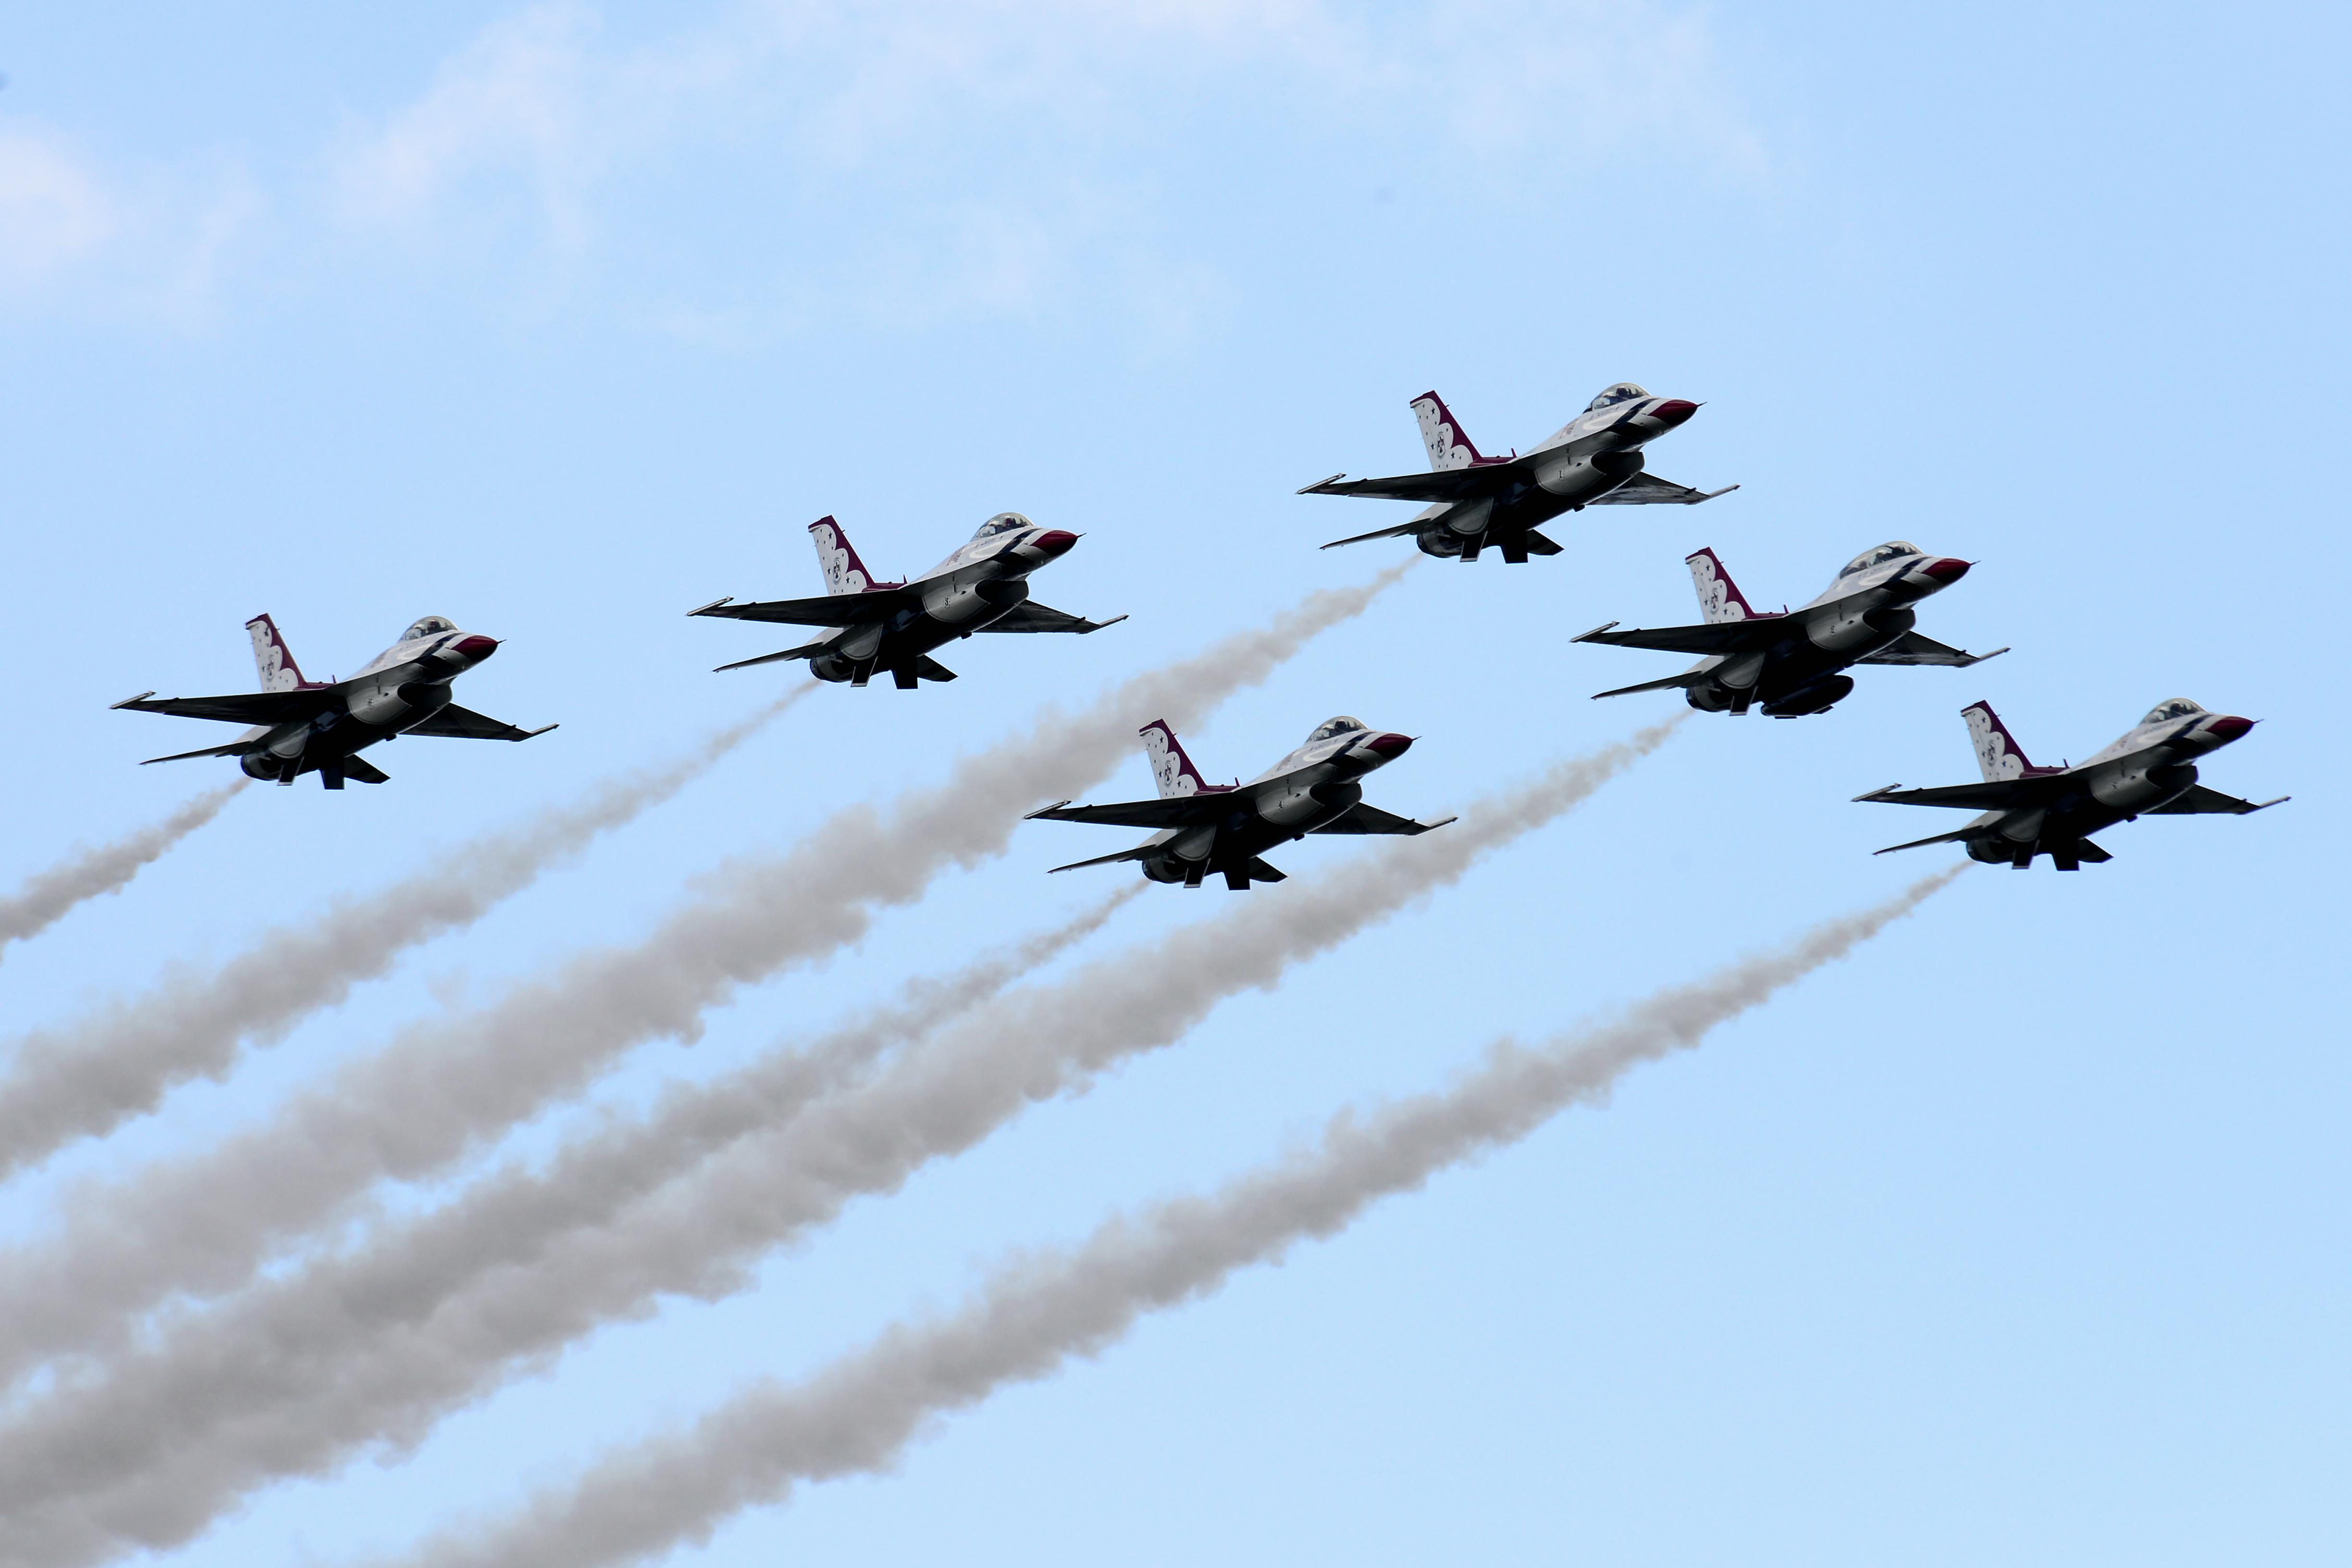 Thunderbirds Blue Angels flyover